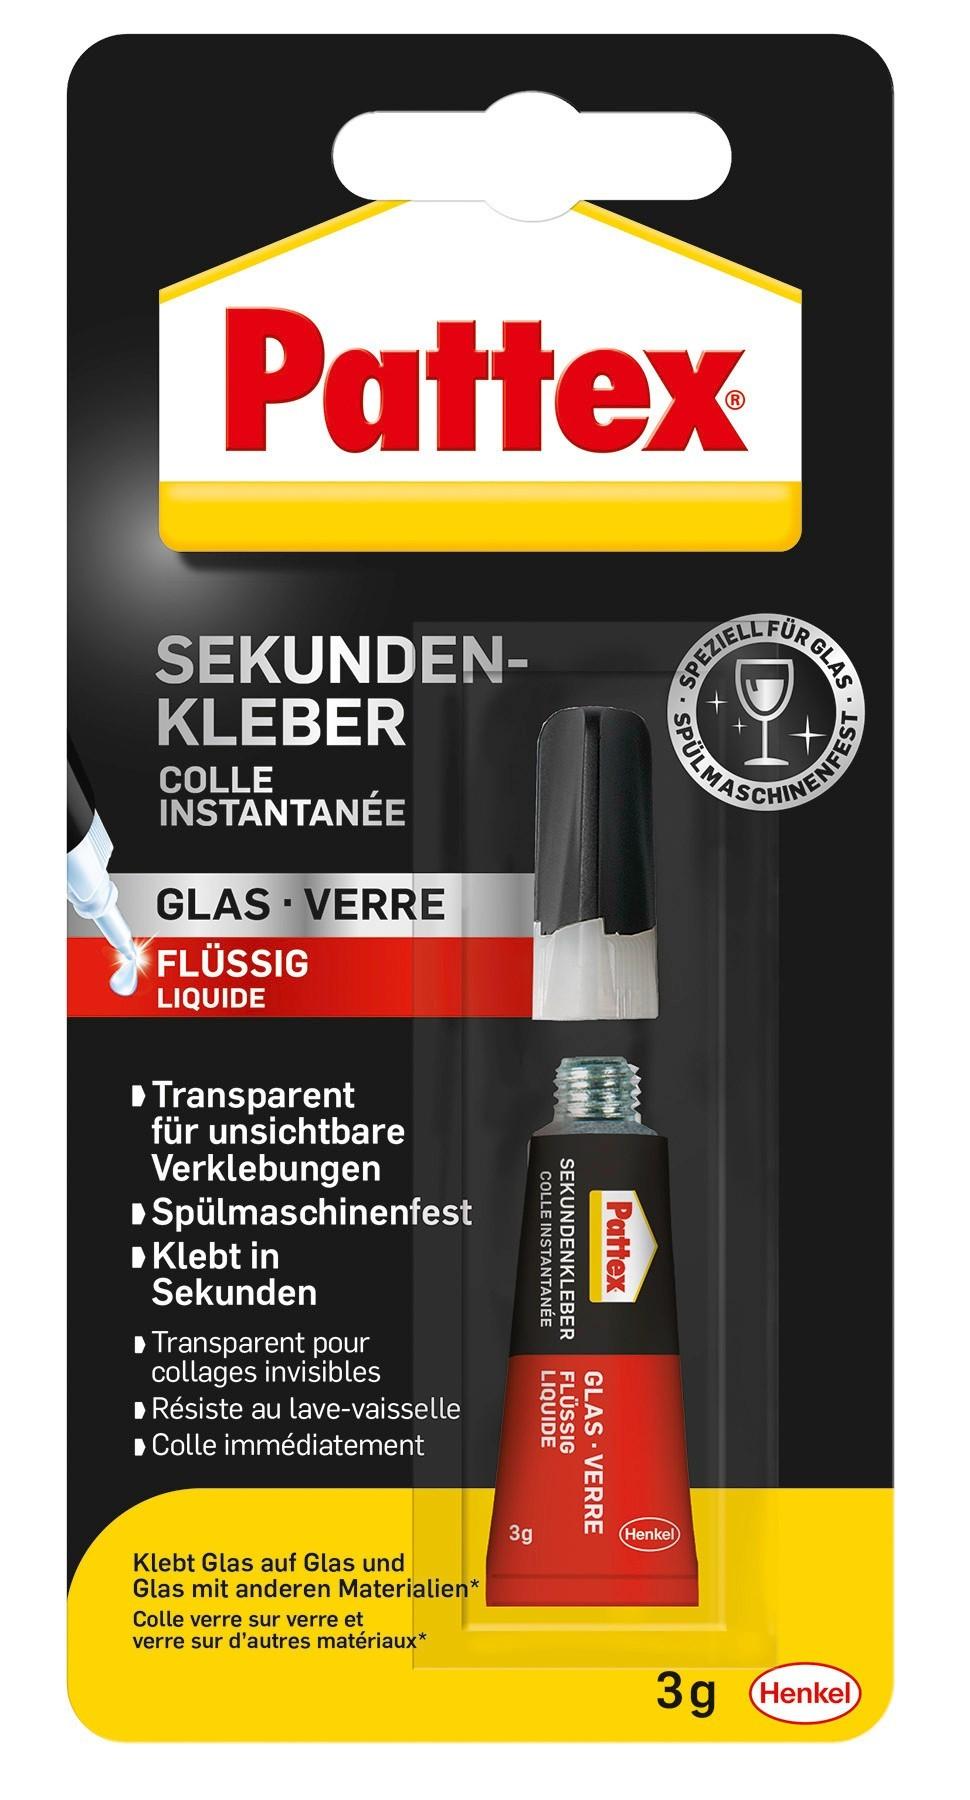 Pattex Sekundenkleber Glas flüssig 3g Bild 1